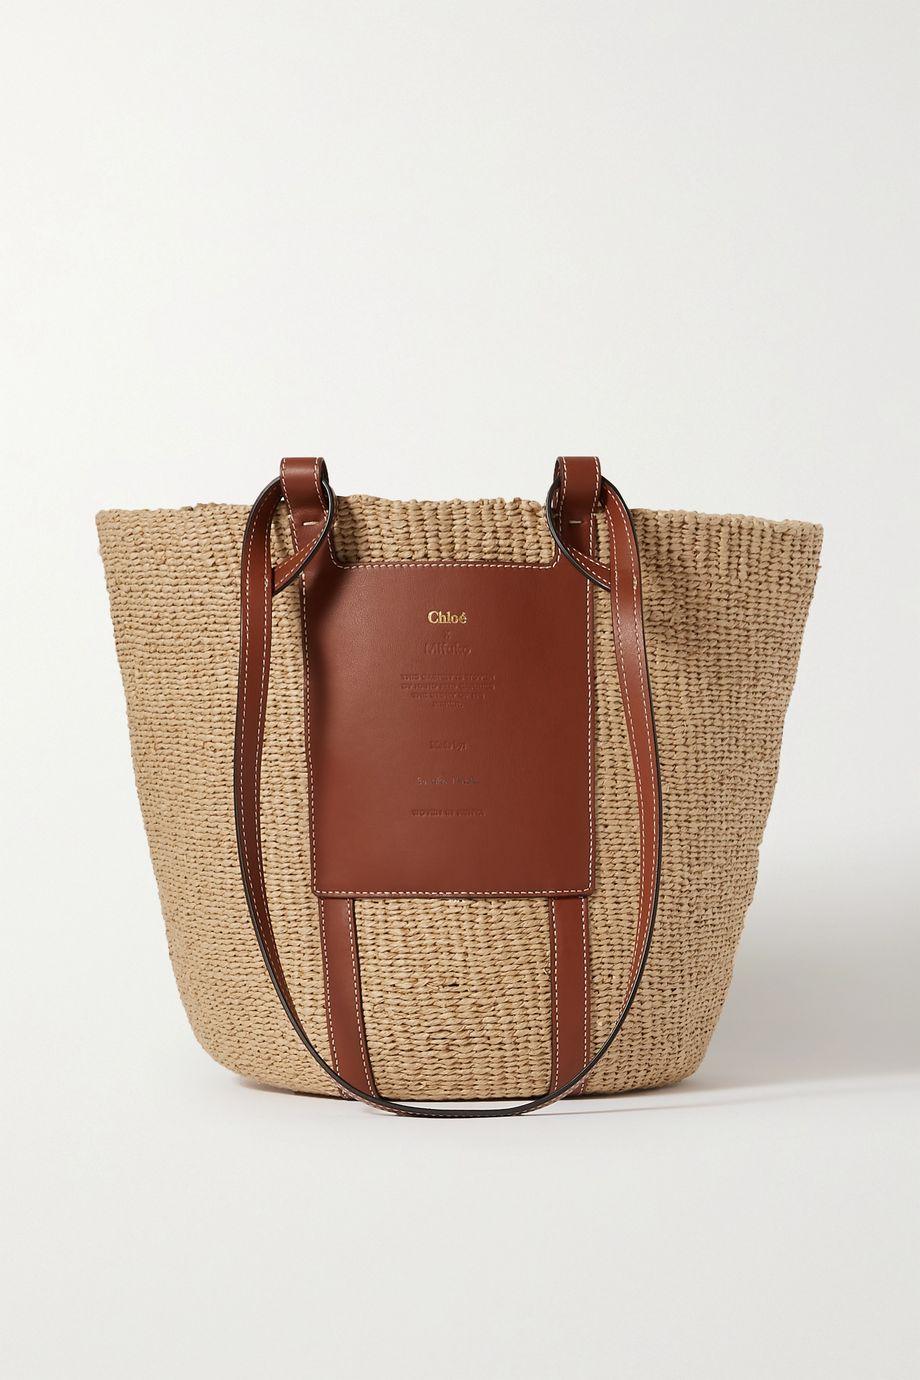 Chloé Leather-trimmed raffia basket bag